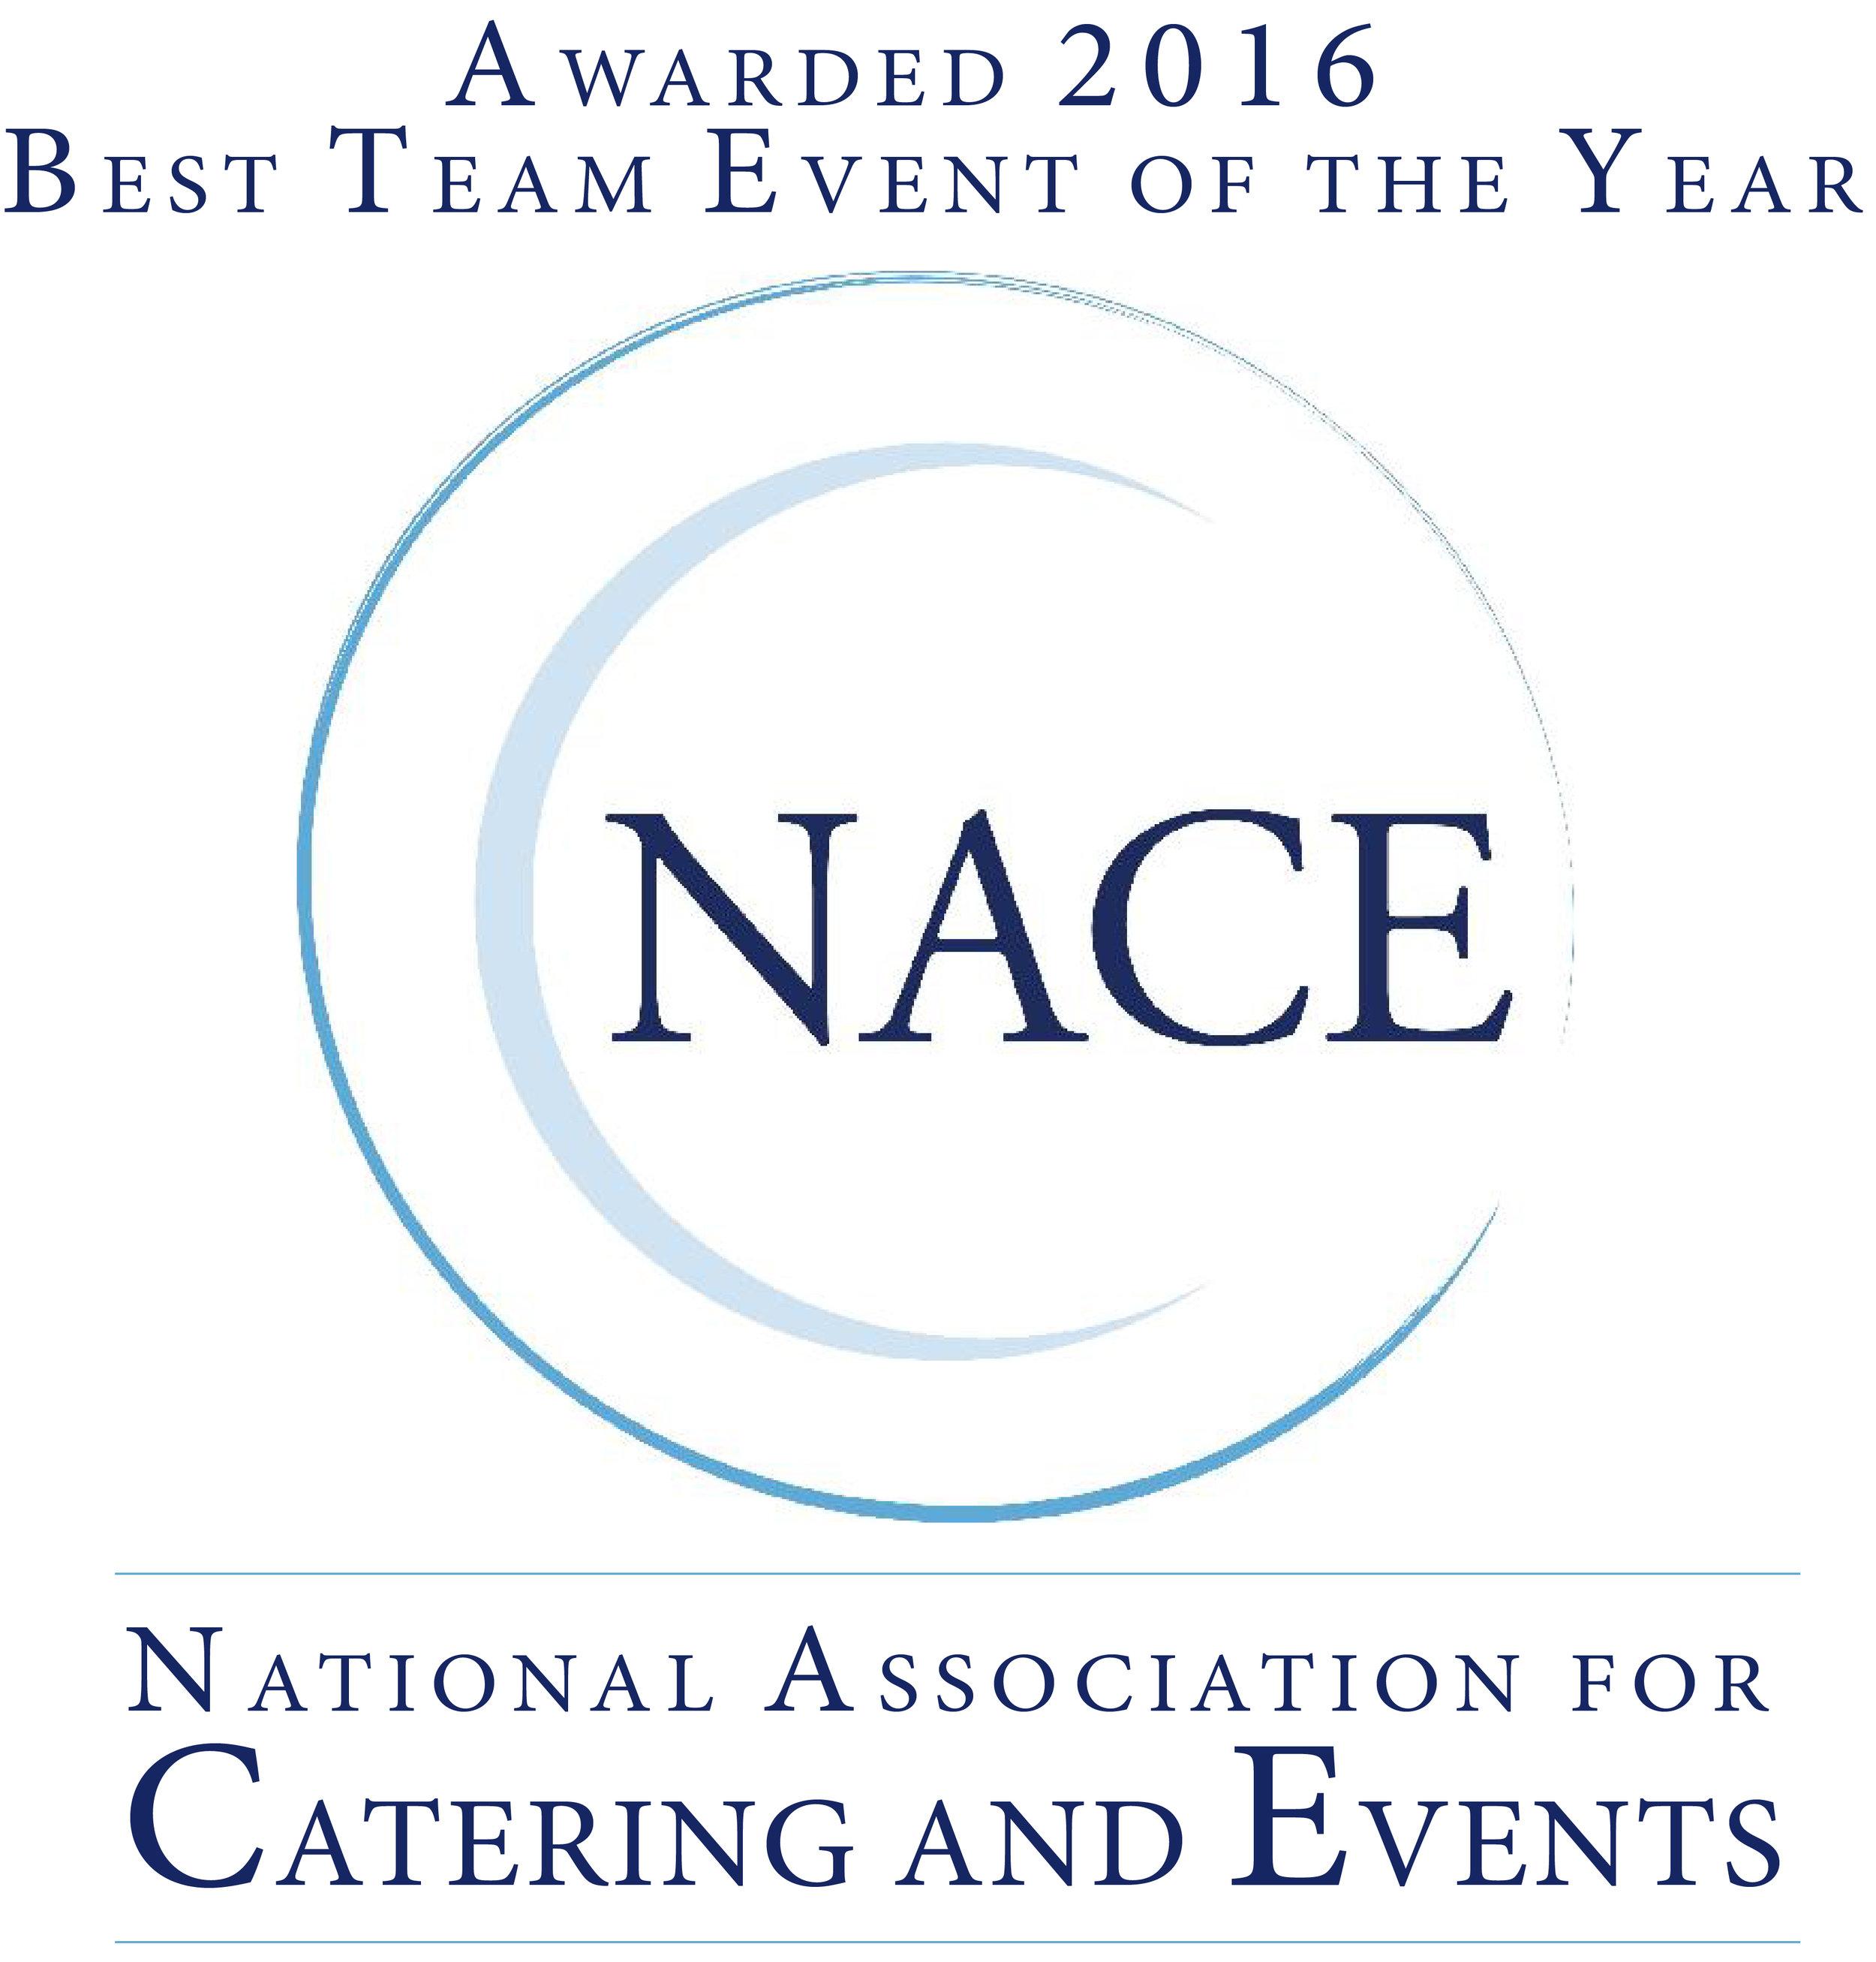 NACE Logo_National Award Winner_2016.jpg